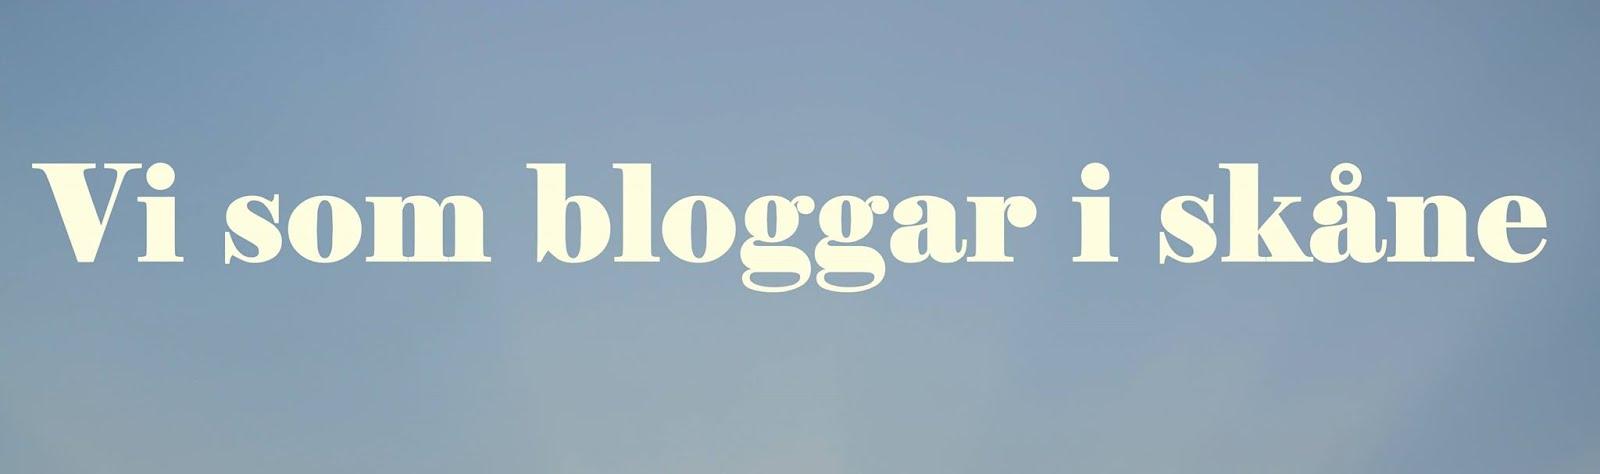 Vi som bloggar i skåne